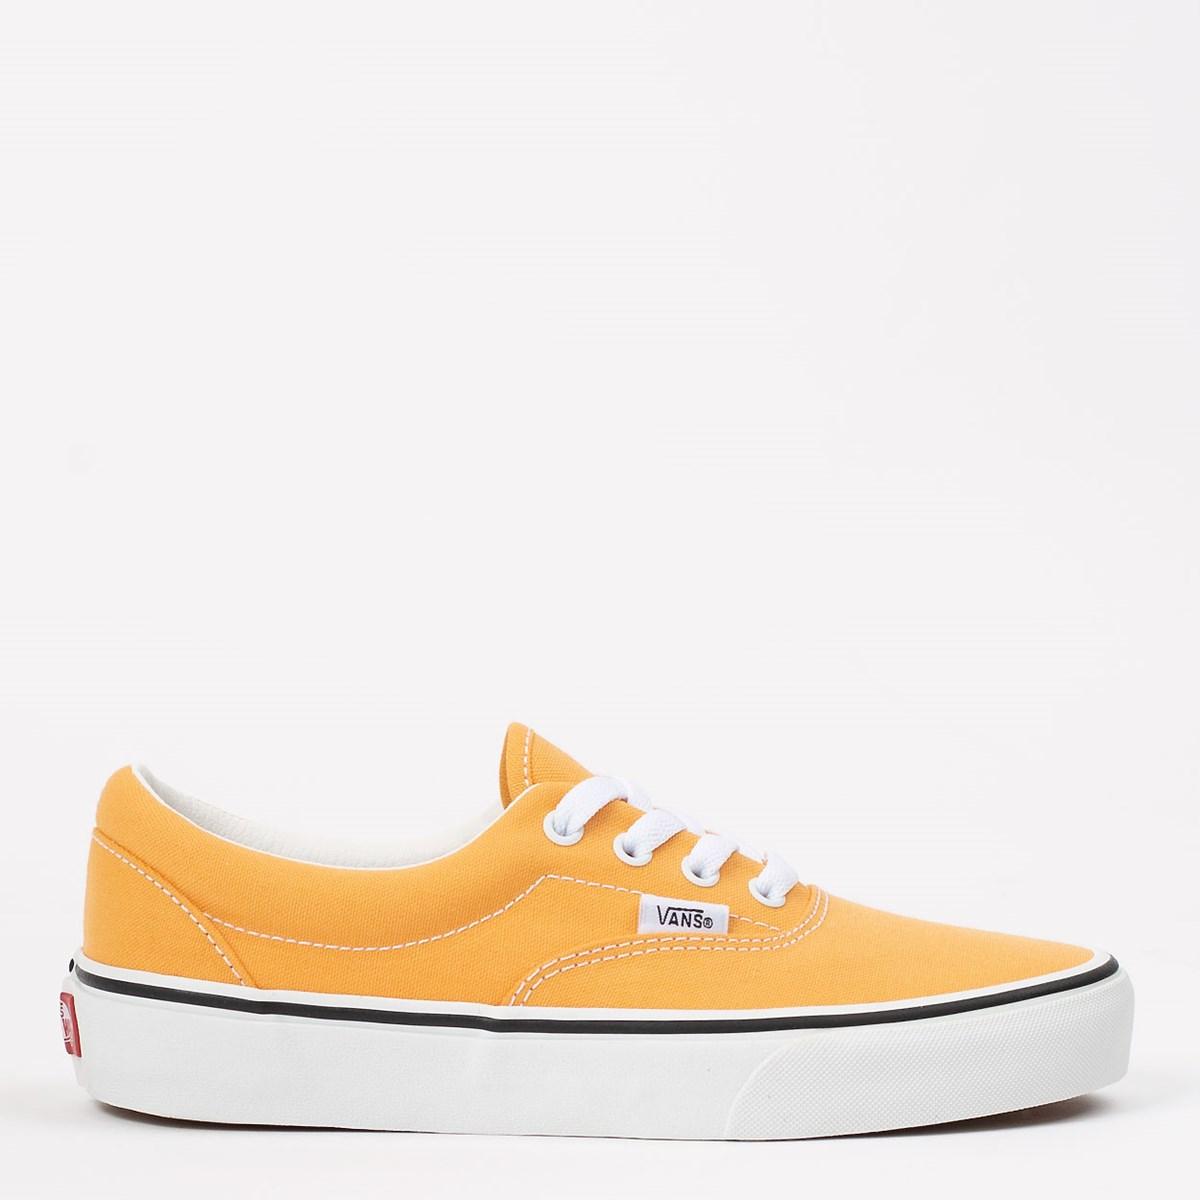 Tênis Vans Era Golden Nugget True White VN0A54F13SP